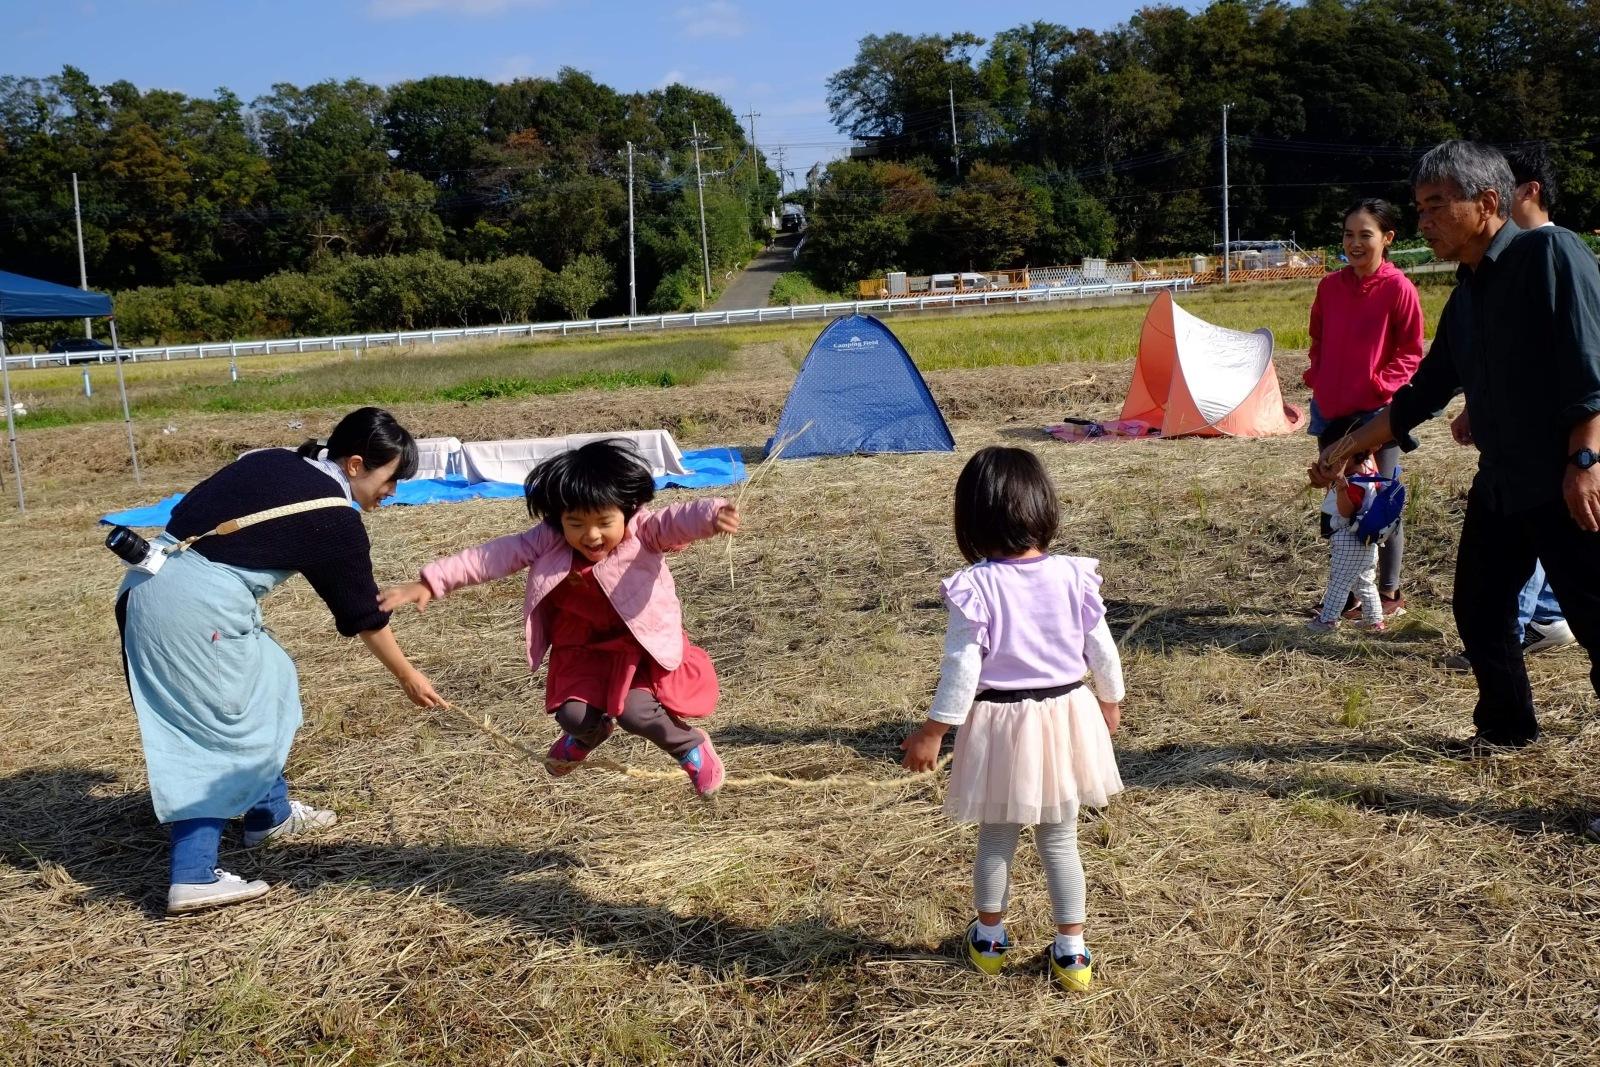 田んぼで遊ぶ子供たち